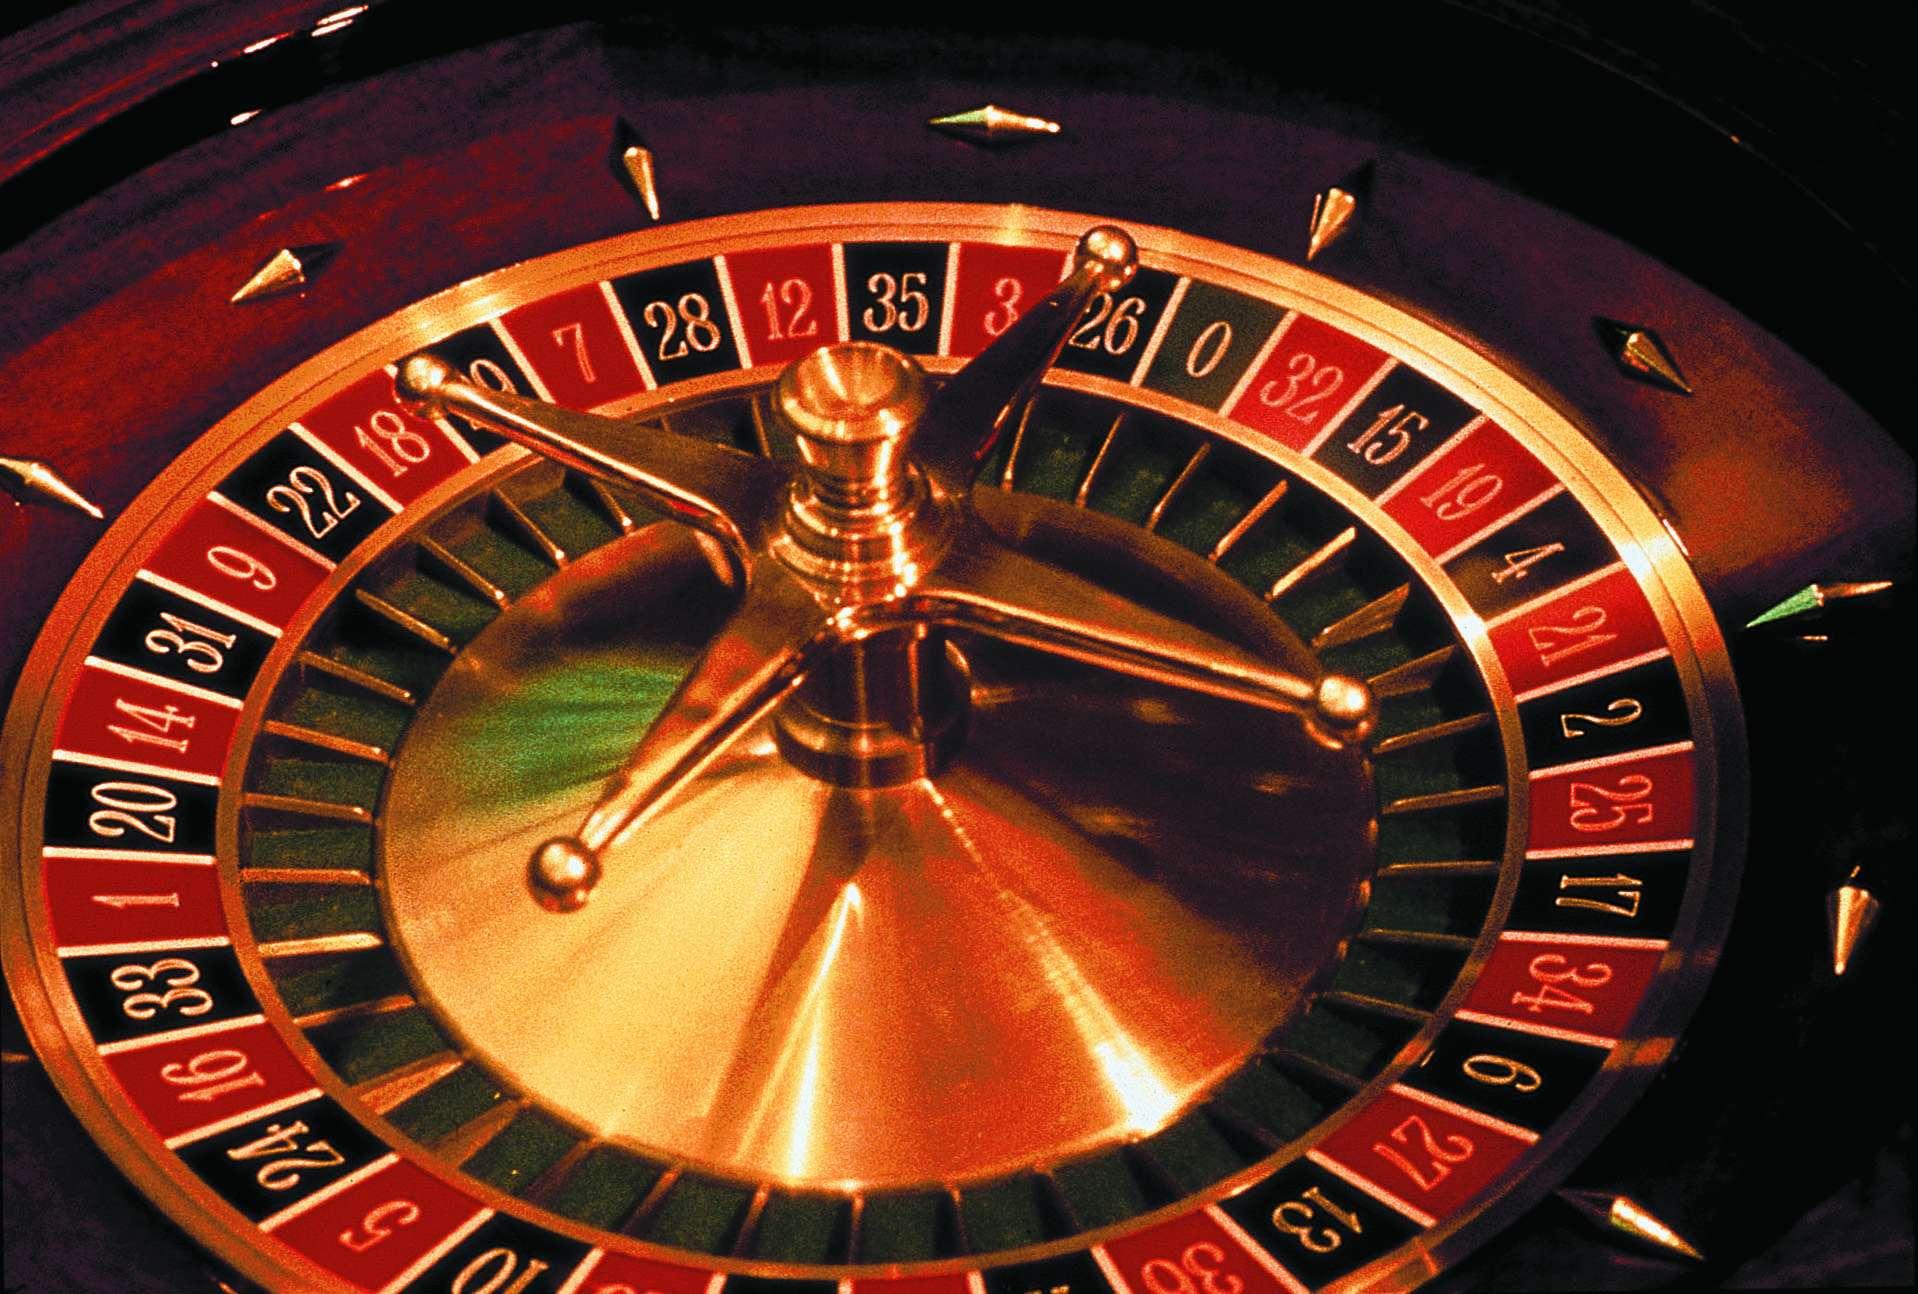 Jeux en ligne : ce que proposent les casinos